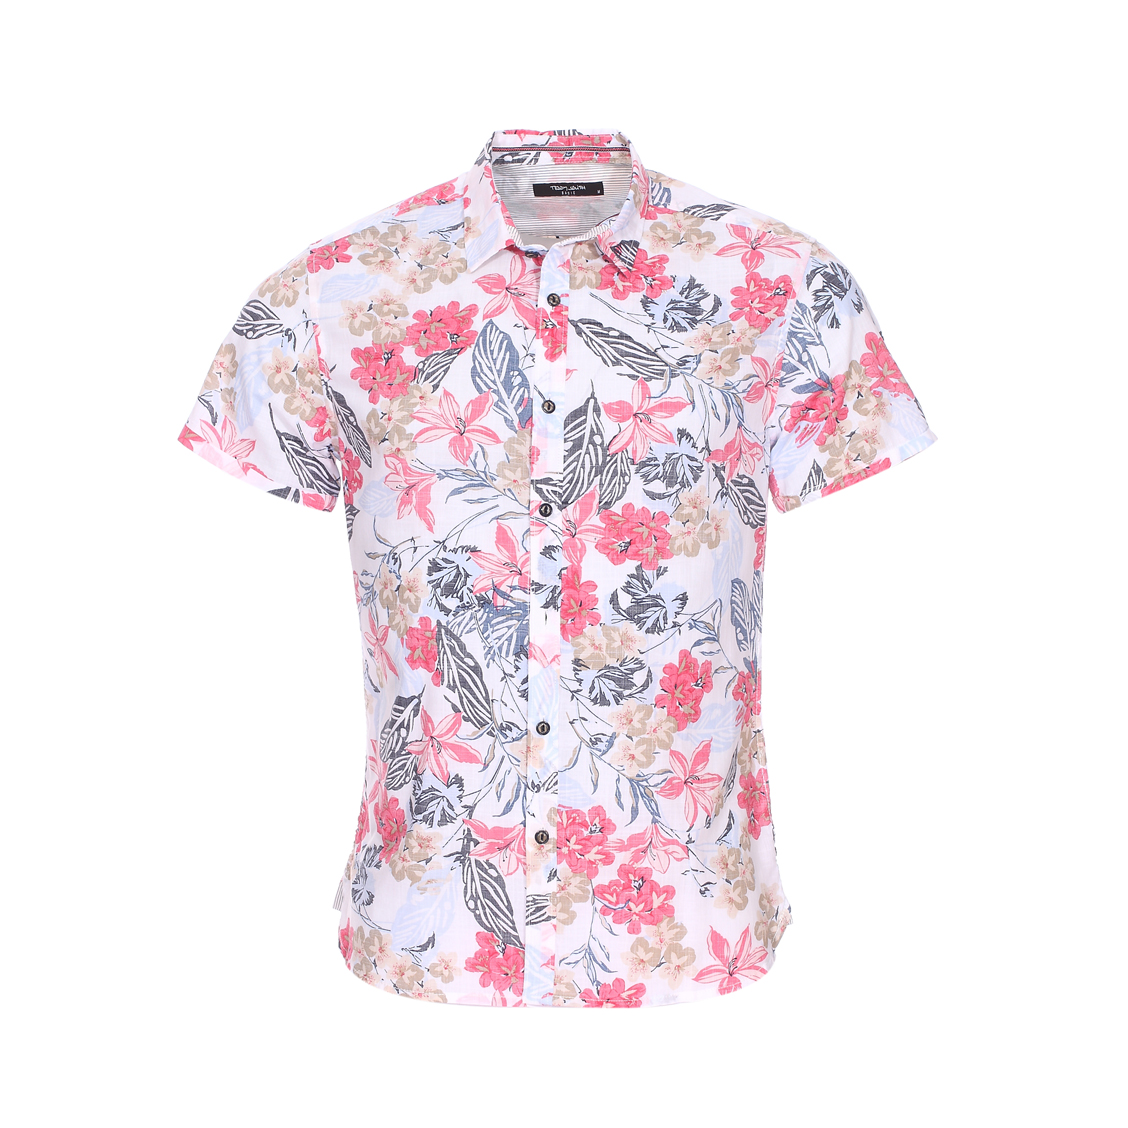 Chemise manches courtes ajustée  en coton léger blanc à fleurs